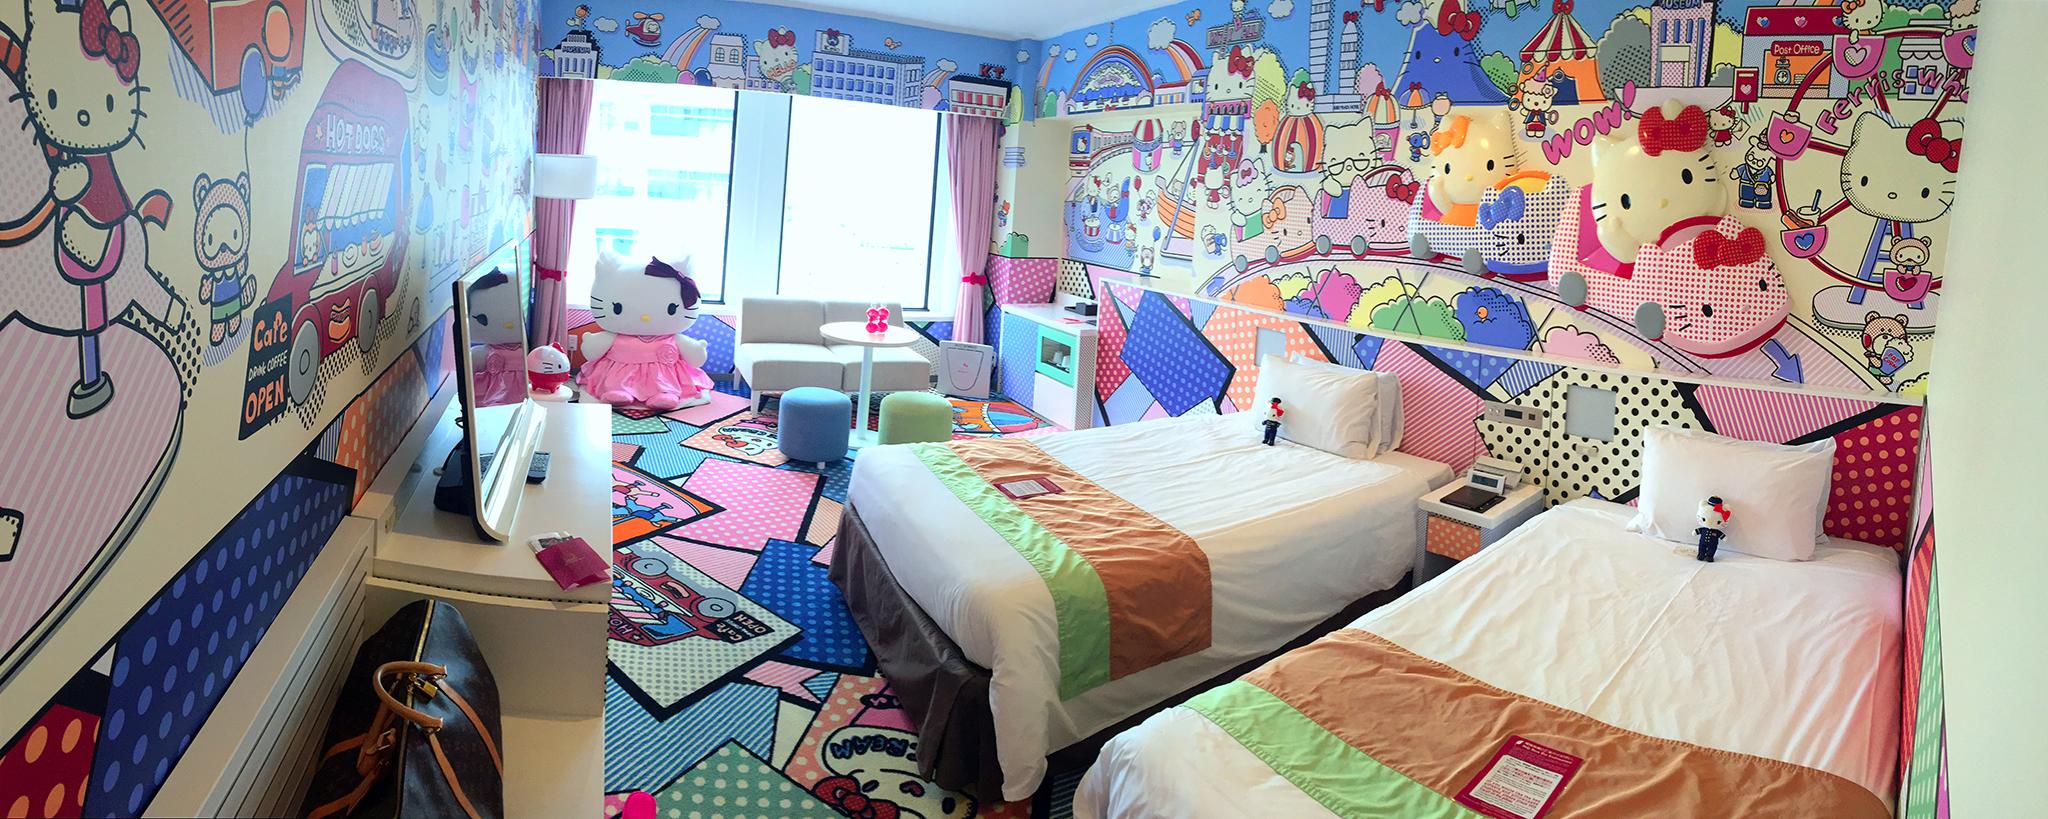 Hotel Keio Plaza Tokio - Viajar a Japón - ruta por Japón en dos semanas ruta por japón en dos semanas - 36904415105 60f9f091e0 o - Nuestra Ruta por Japón en dos semanas (Diario de Viaje a Japón)